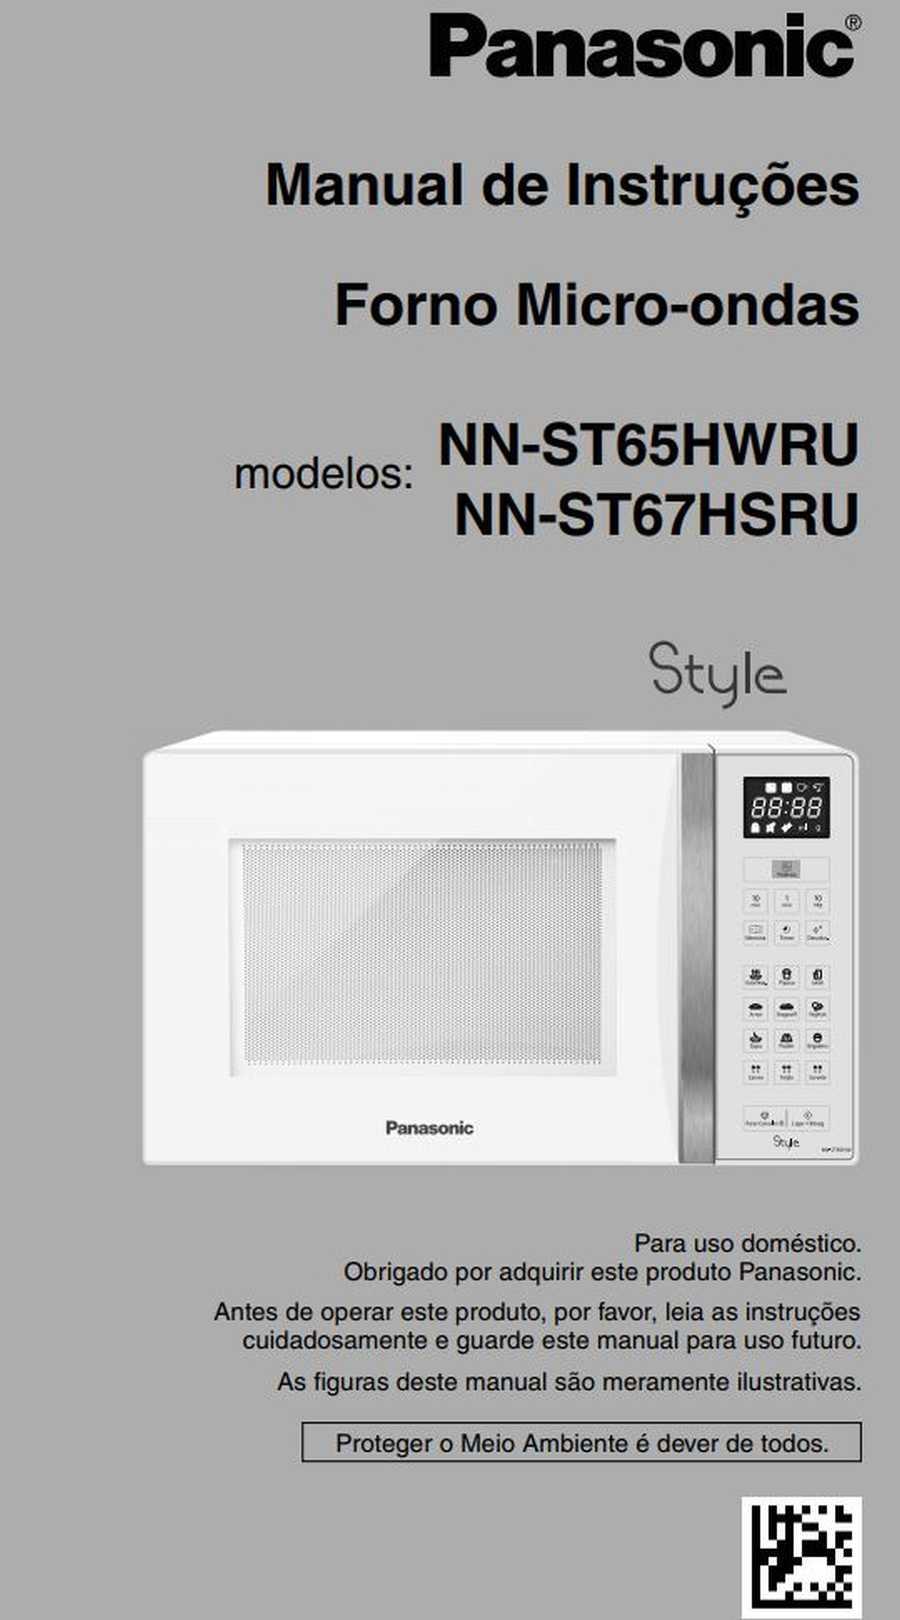 Manual de instruções do microondas Panasonic NN-ST65H - Capa